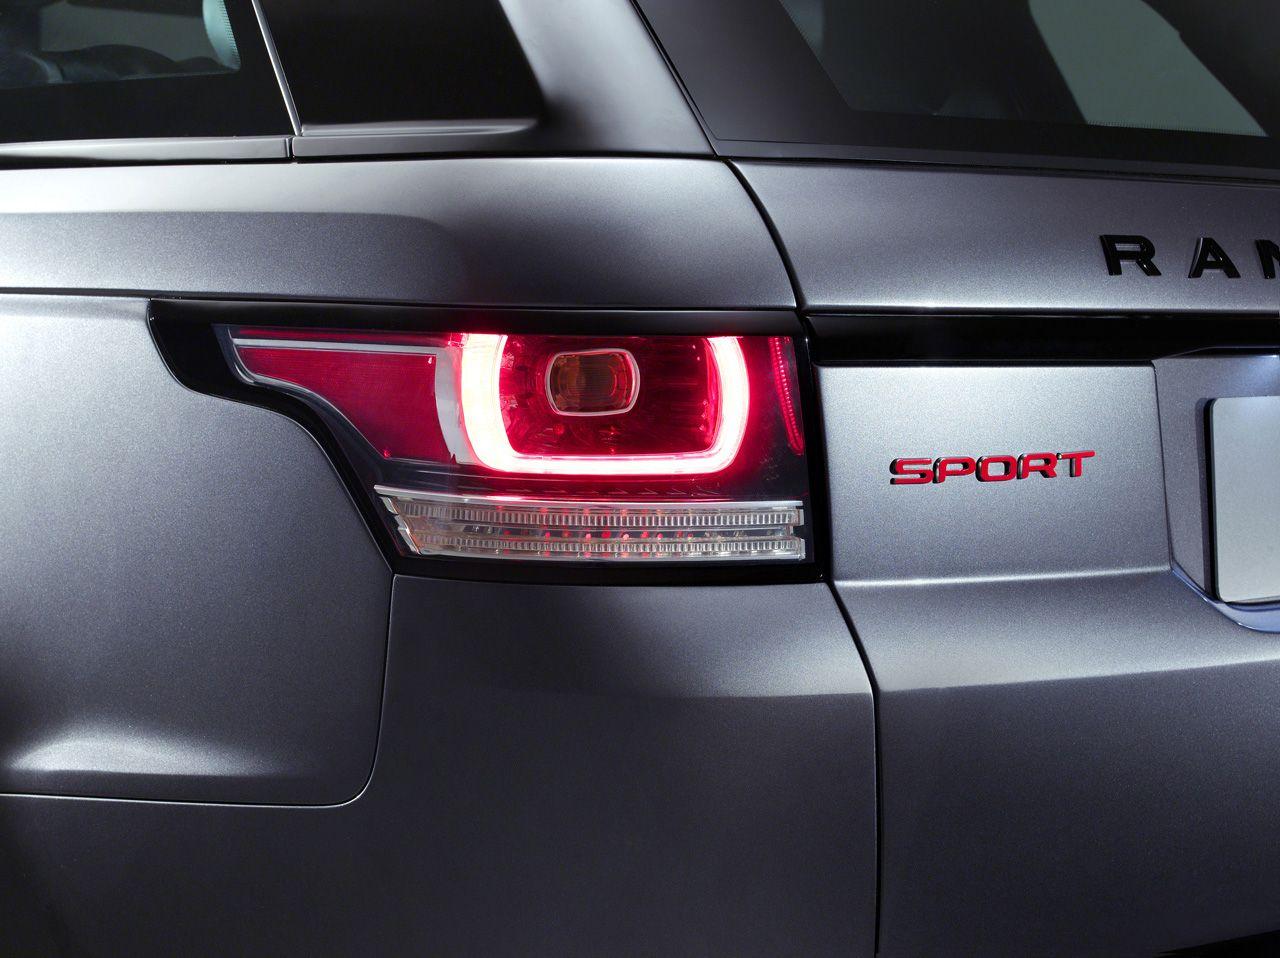 2014 Land Rover Range Rover Sport statuscars Range